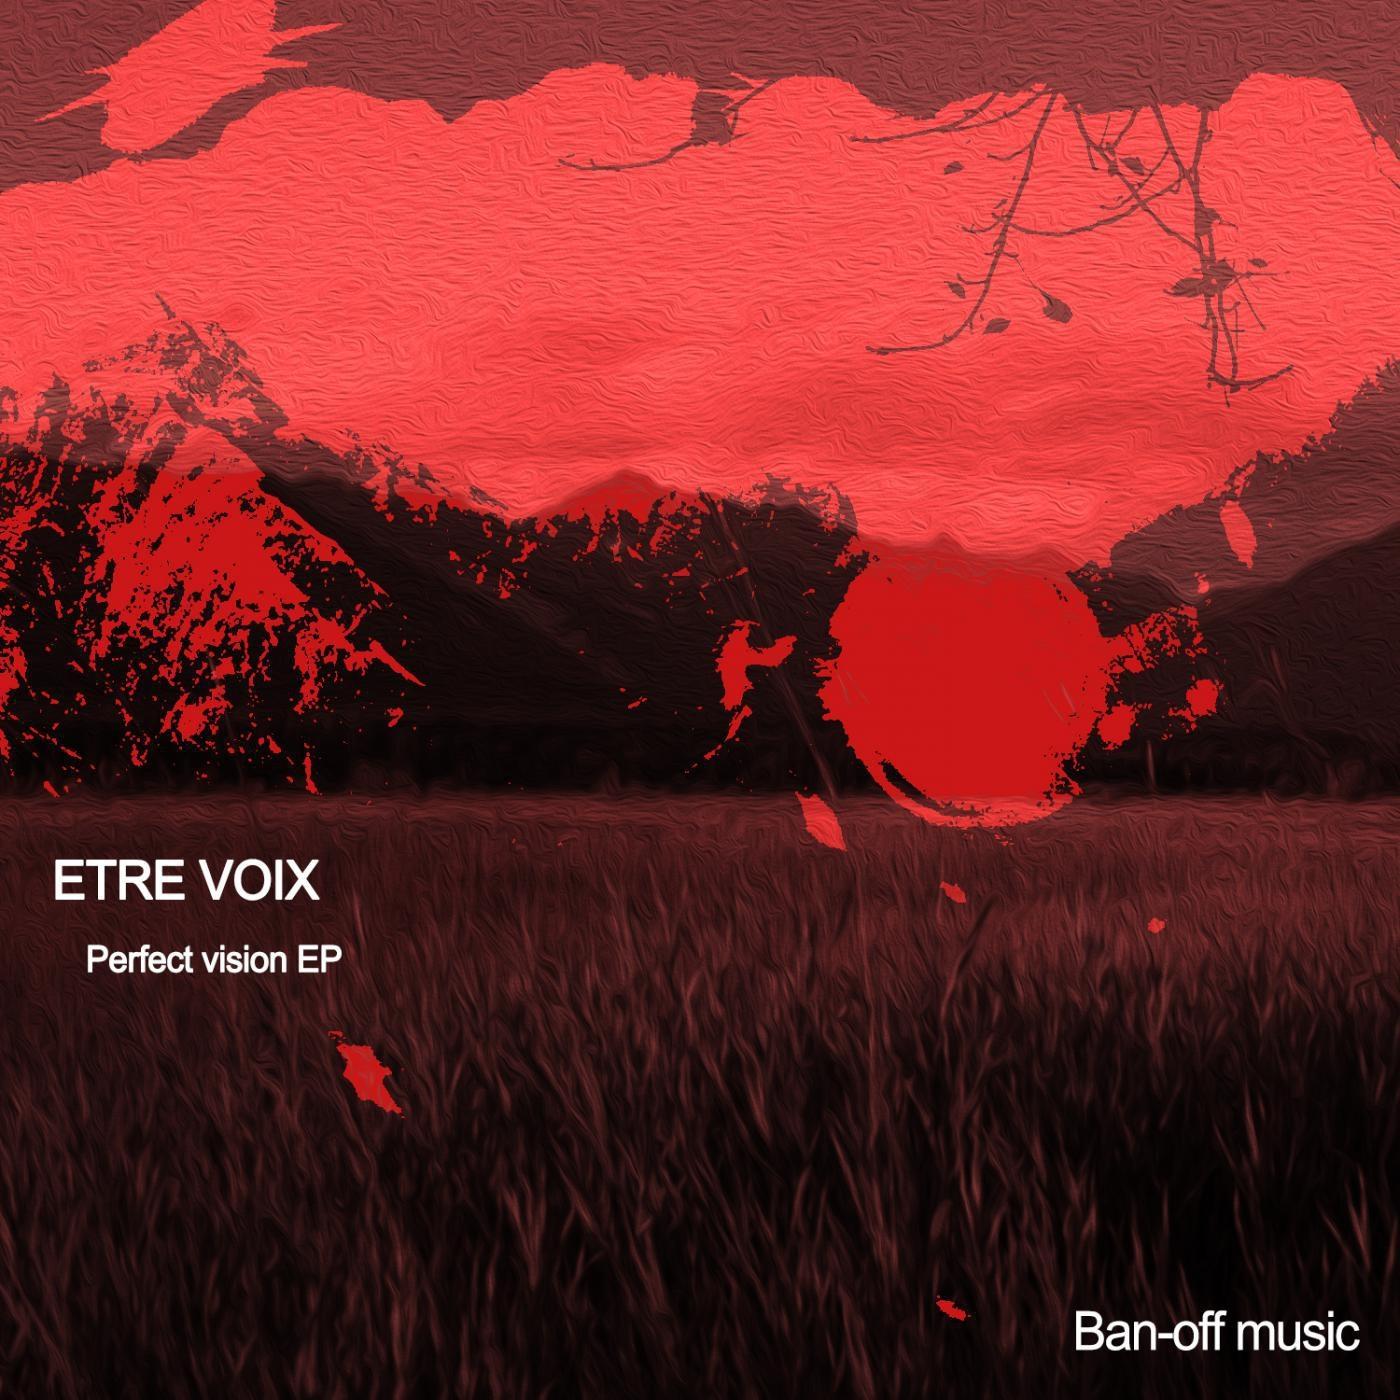 Etre voix - Pulse (Original mix)